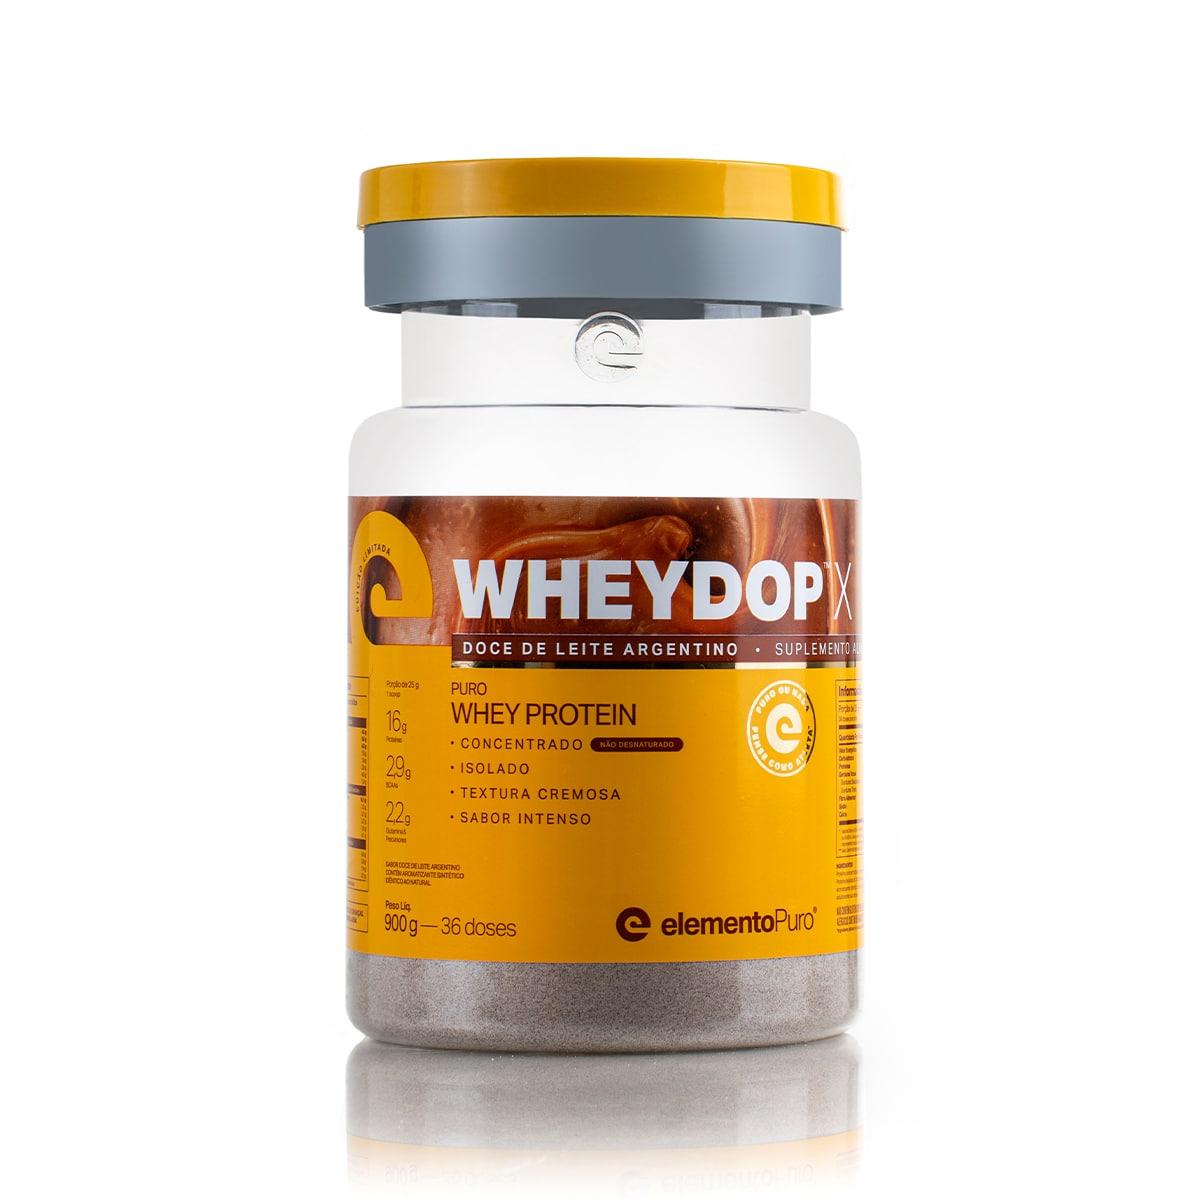 WHEYDOP X 900 g- Edição Limitada